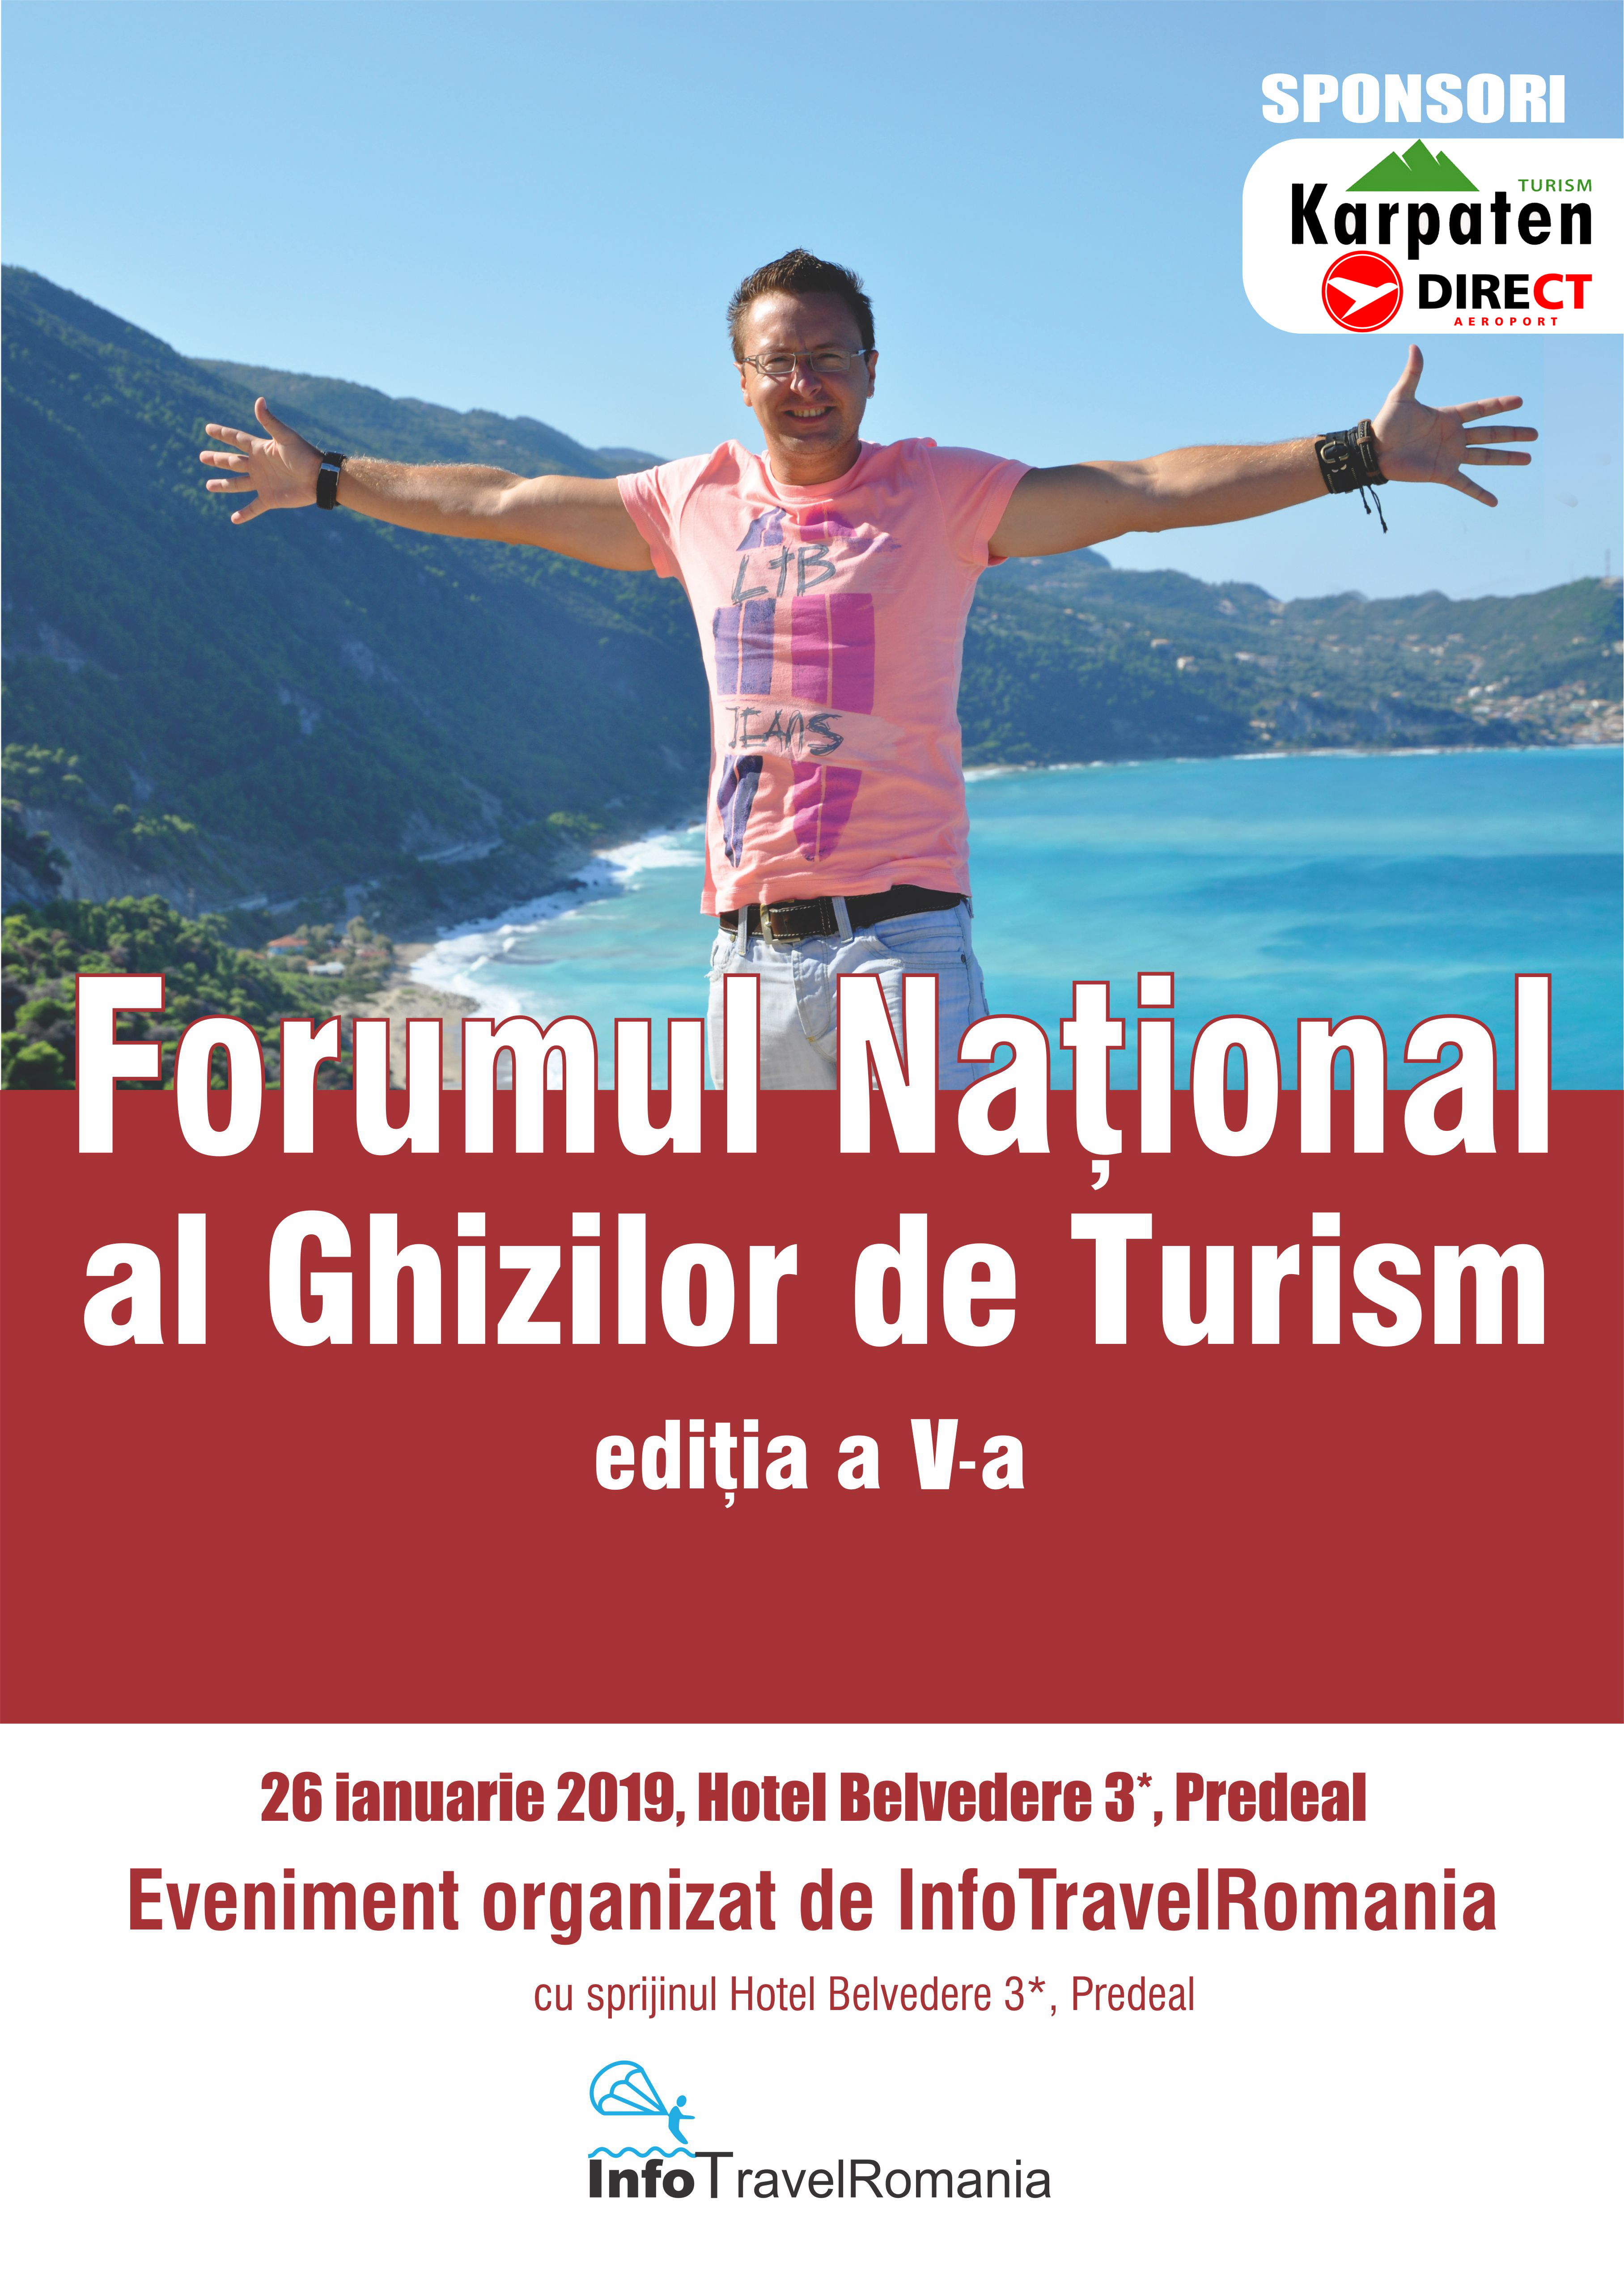 Forumul Ghizilor de Turism V